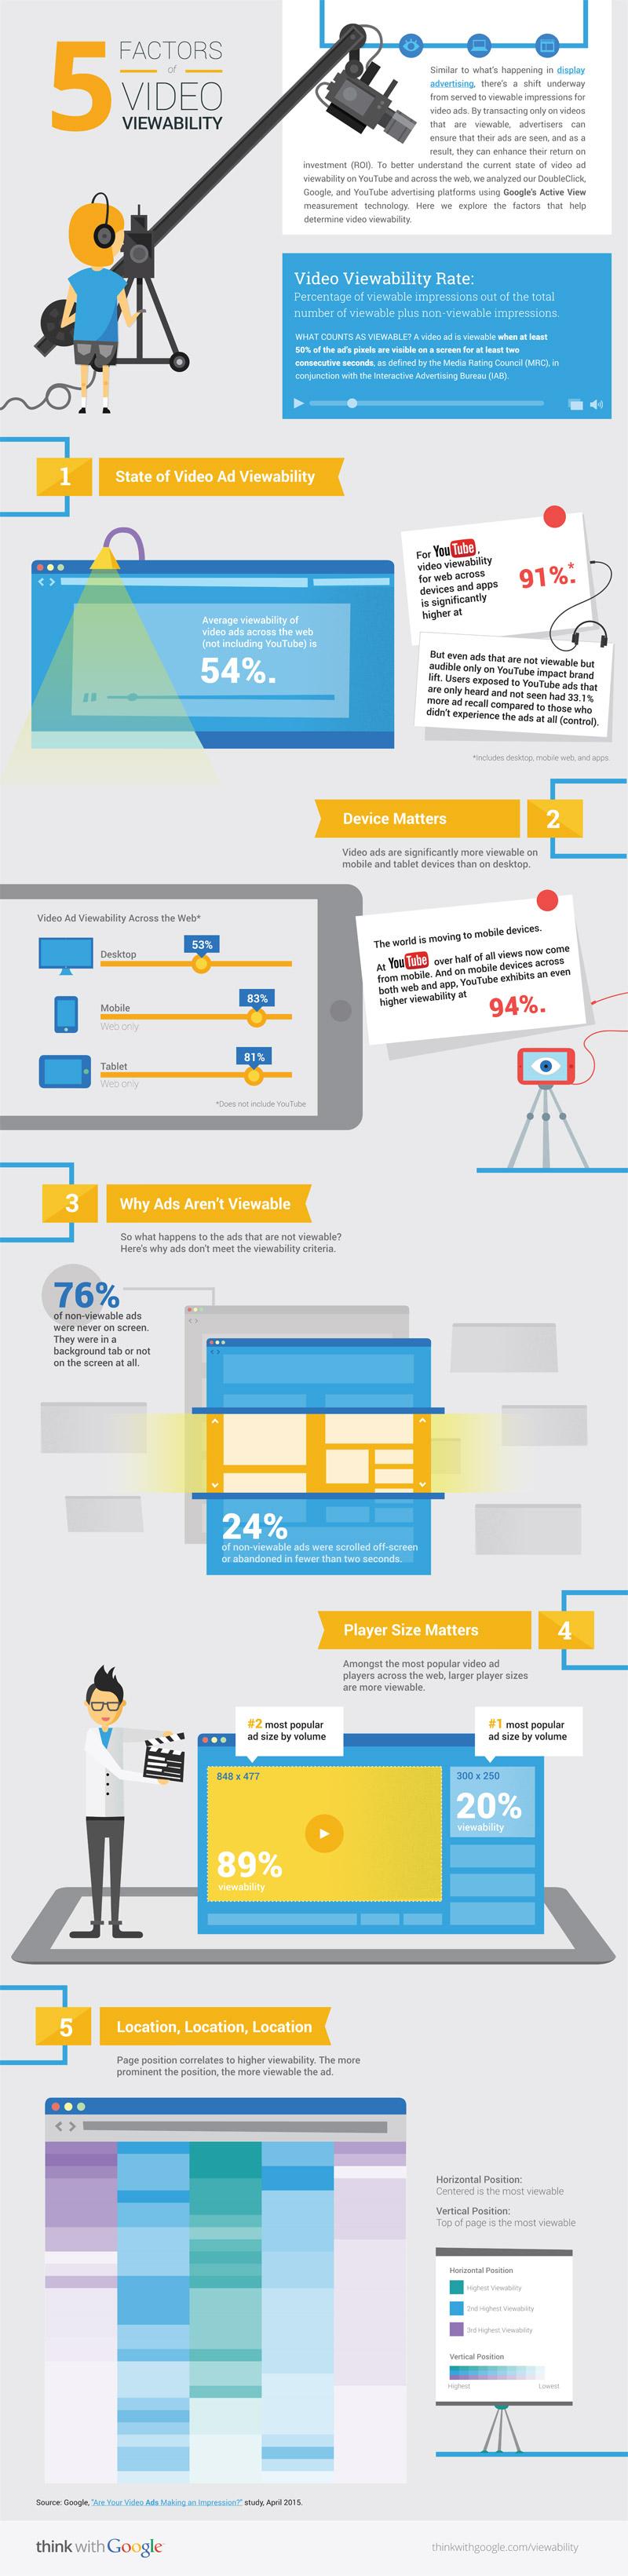 5-factors-of-video-viewability